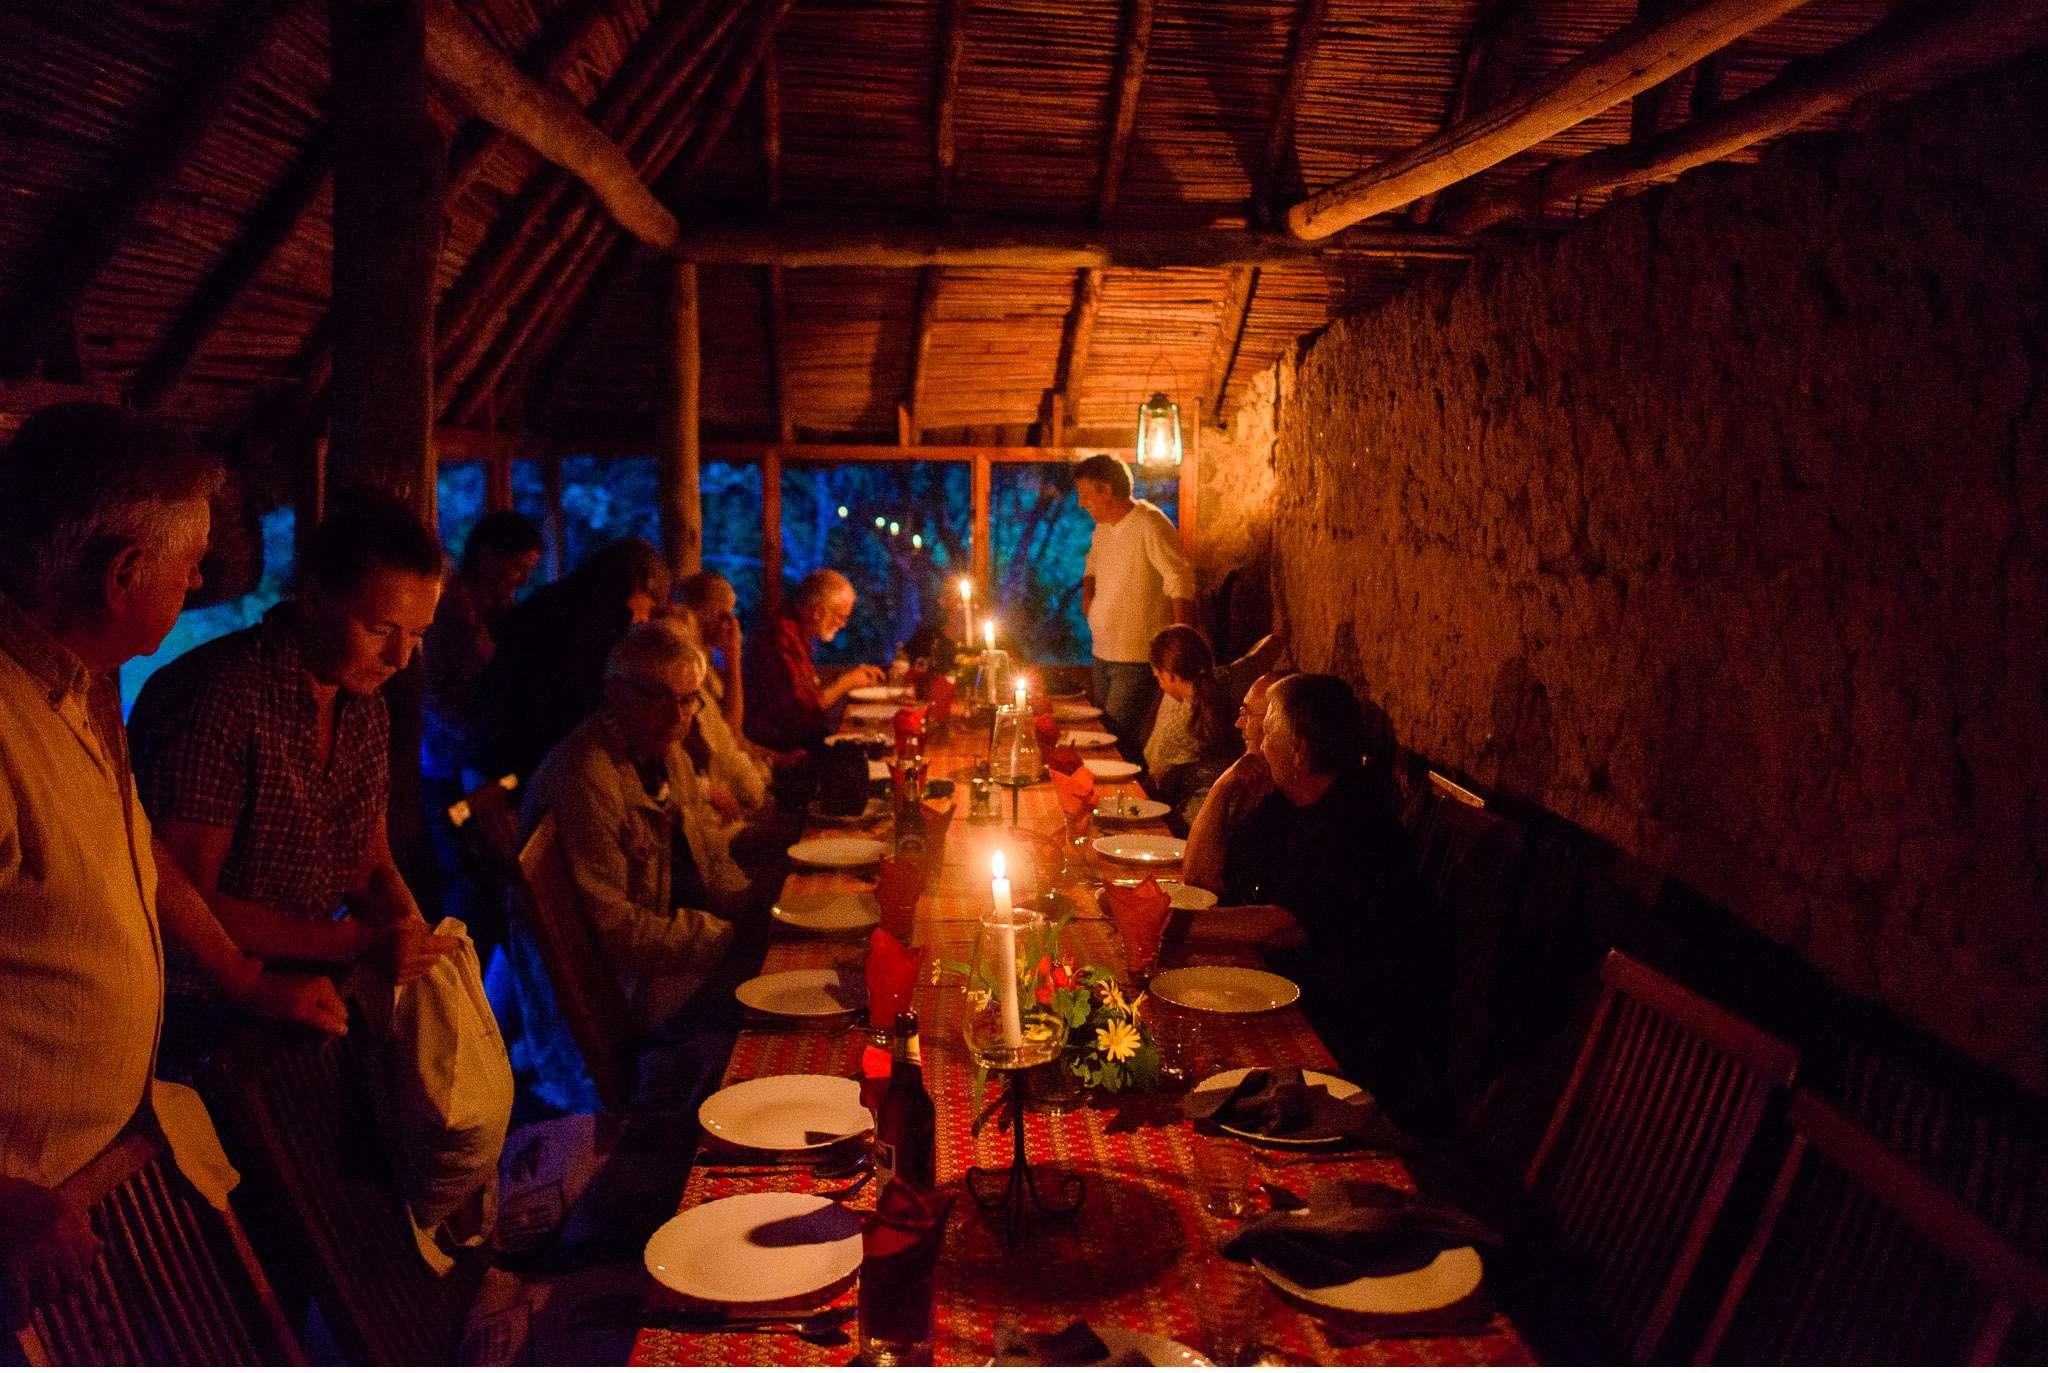 Malawi-Quer durch Afrika- Geschichten von unterwegs by Marion and Daniel-103